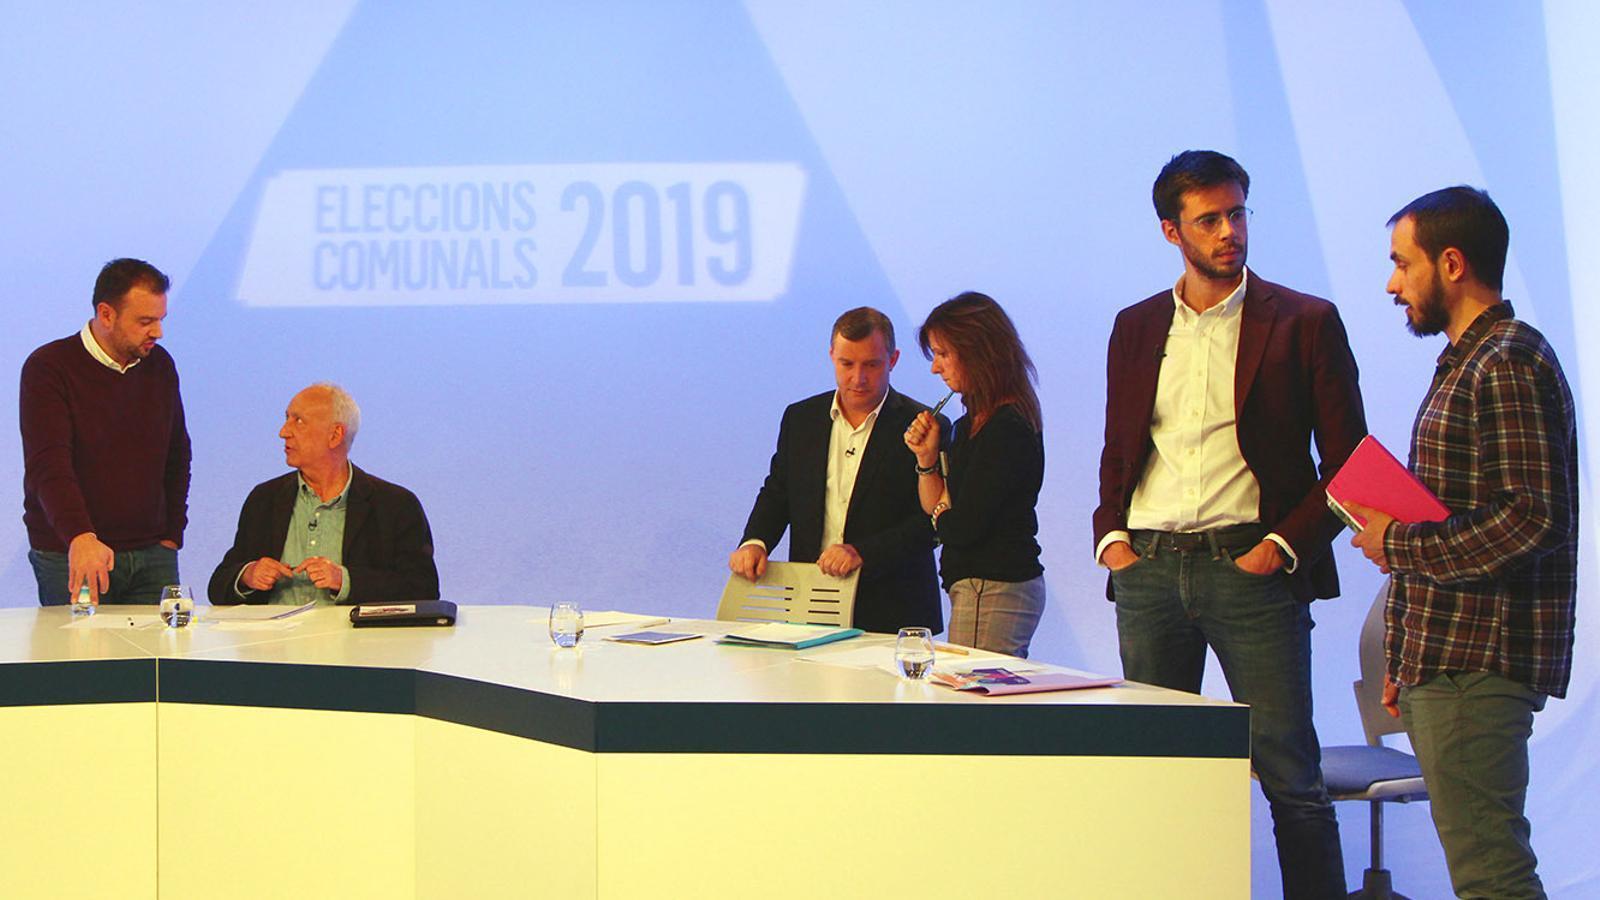 Els tres candidats a Sant Julià de Lòria, Joan Travesset (Units pel Canvi); Josep Majoral (Terceravia+Unió Laurediana+Independents) i Cerni Cairat (Desperta Laurèdia) amb assessors i companys de candidatura abans de l'inici del debat. / M. F.